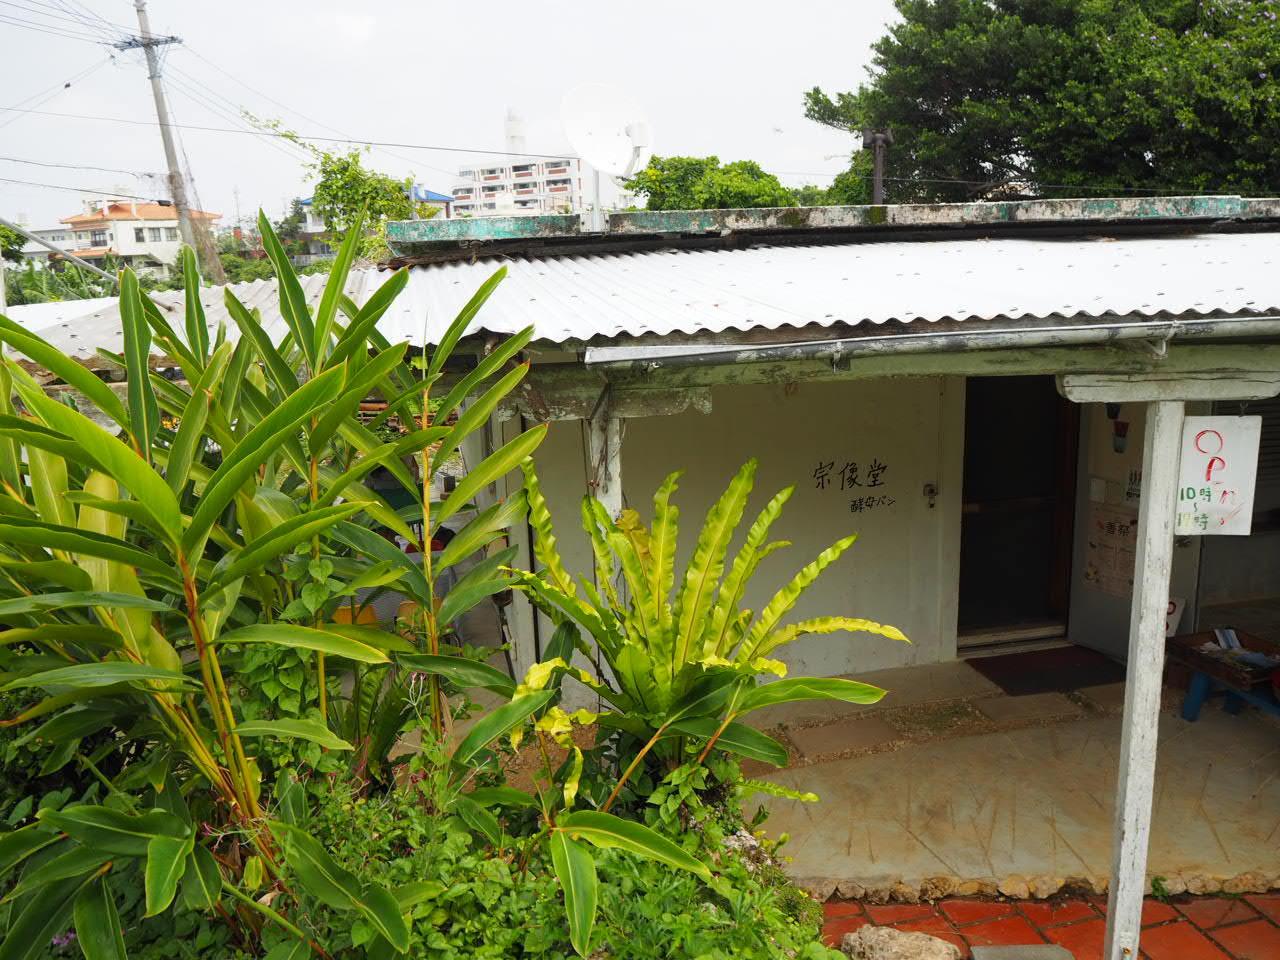 沖縄2日目 めんそーれな日_f0370091_20591563.jpg